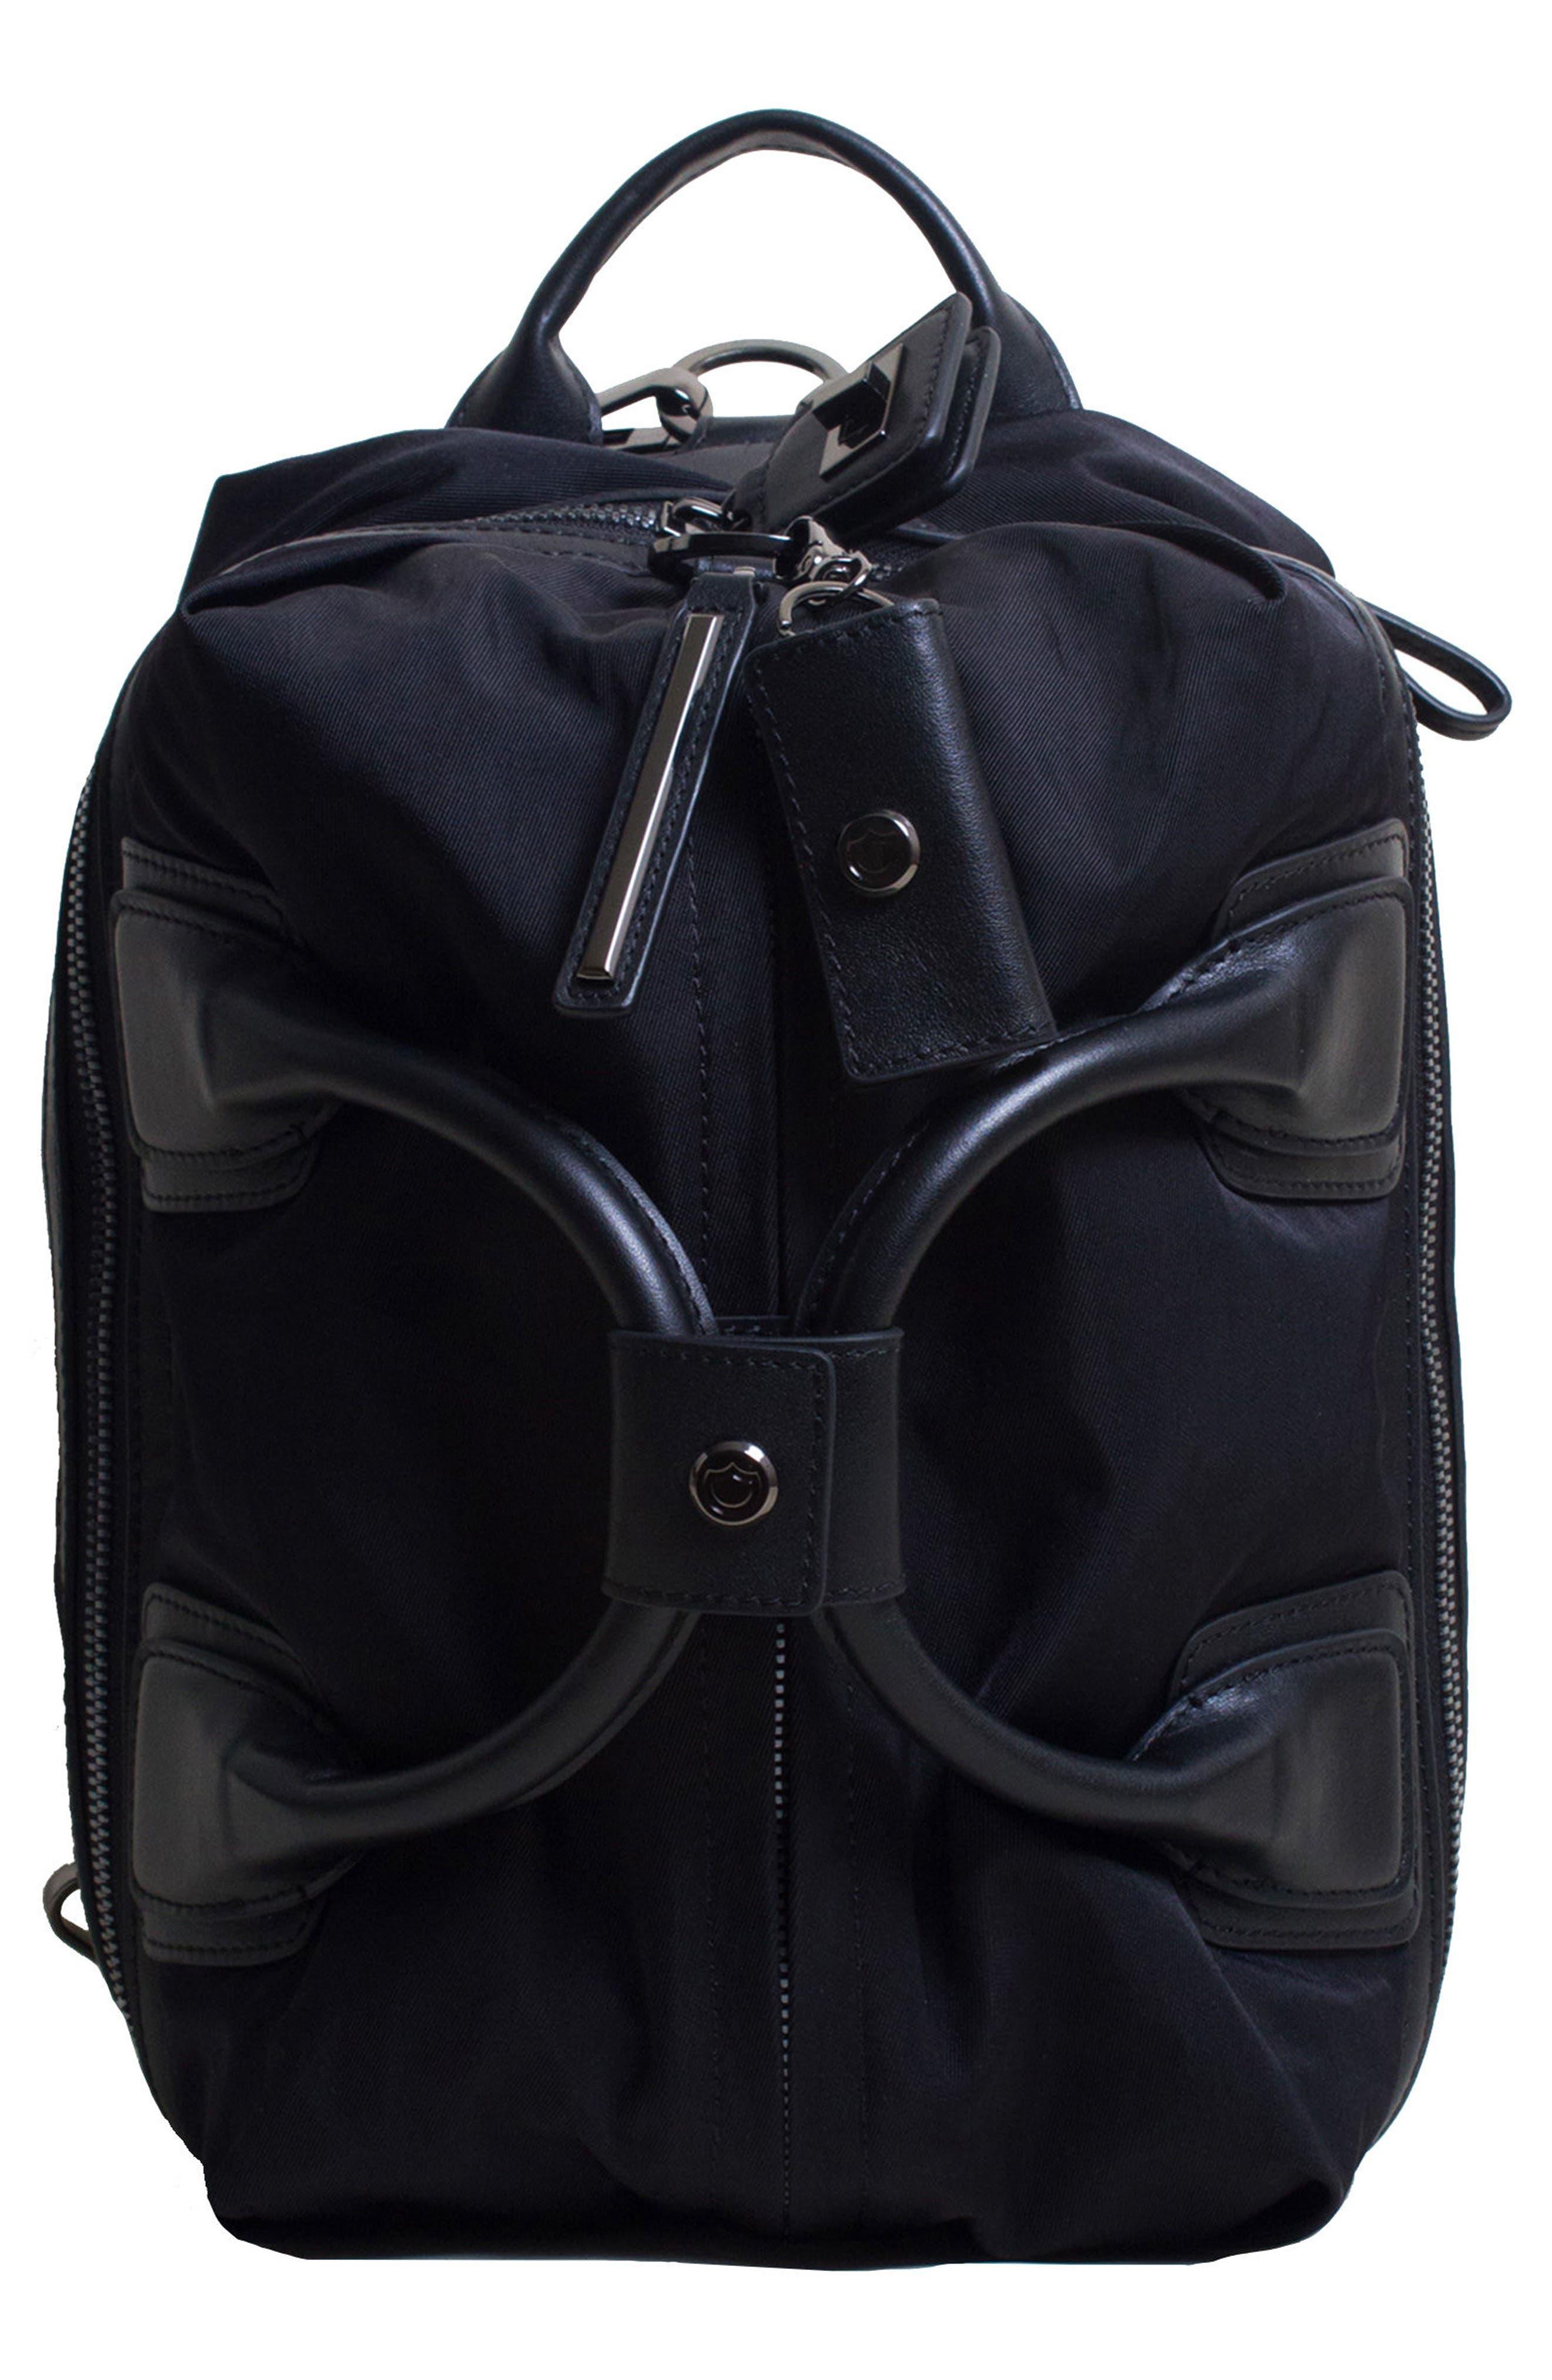 Studio Medium Duffel Backpack, Main, color, BLACK